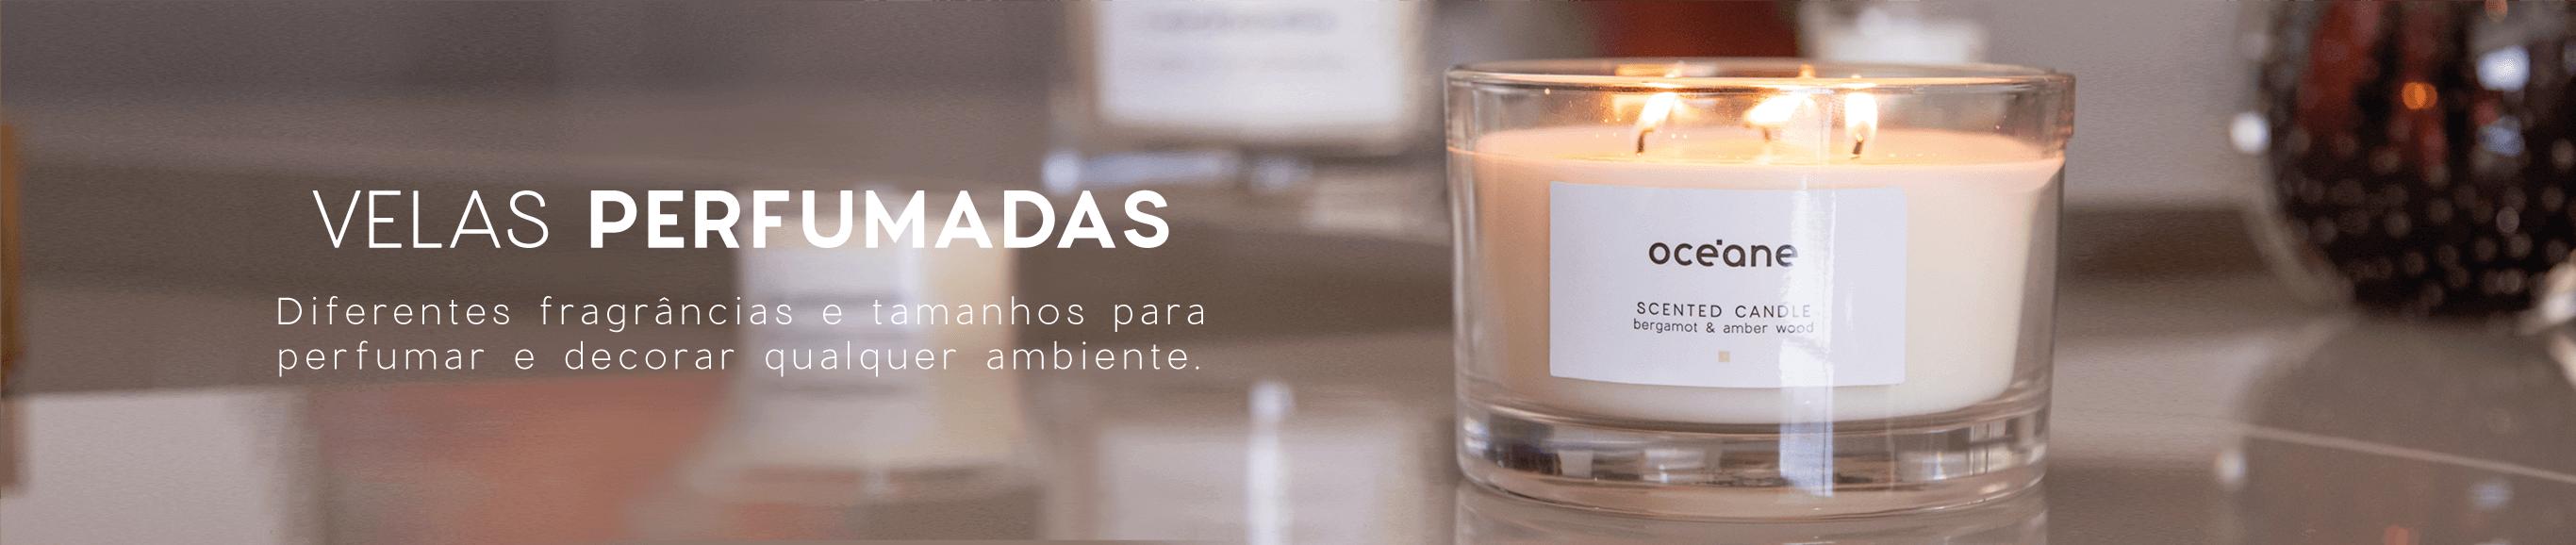 Banner Velas Perfumadas